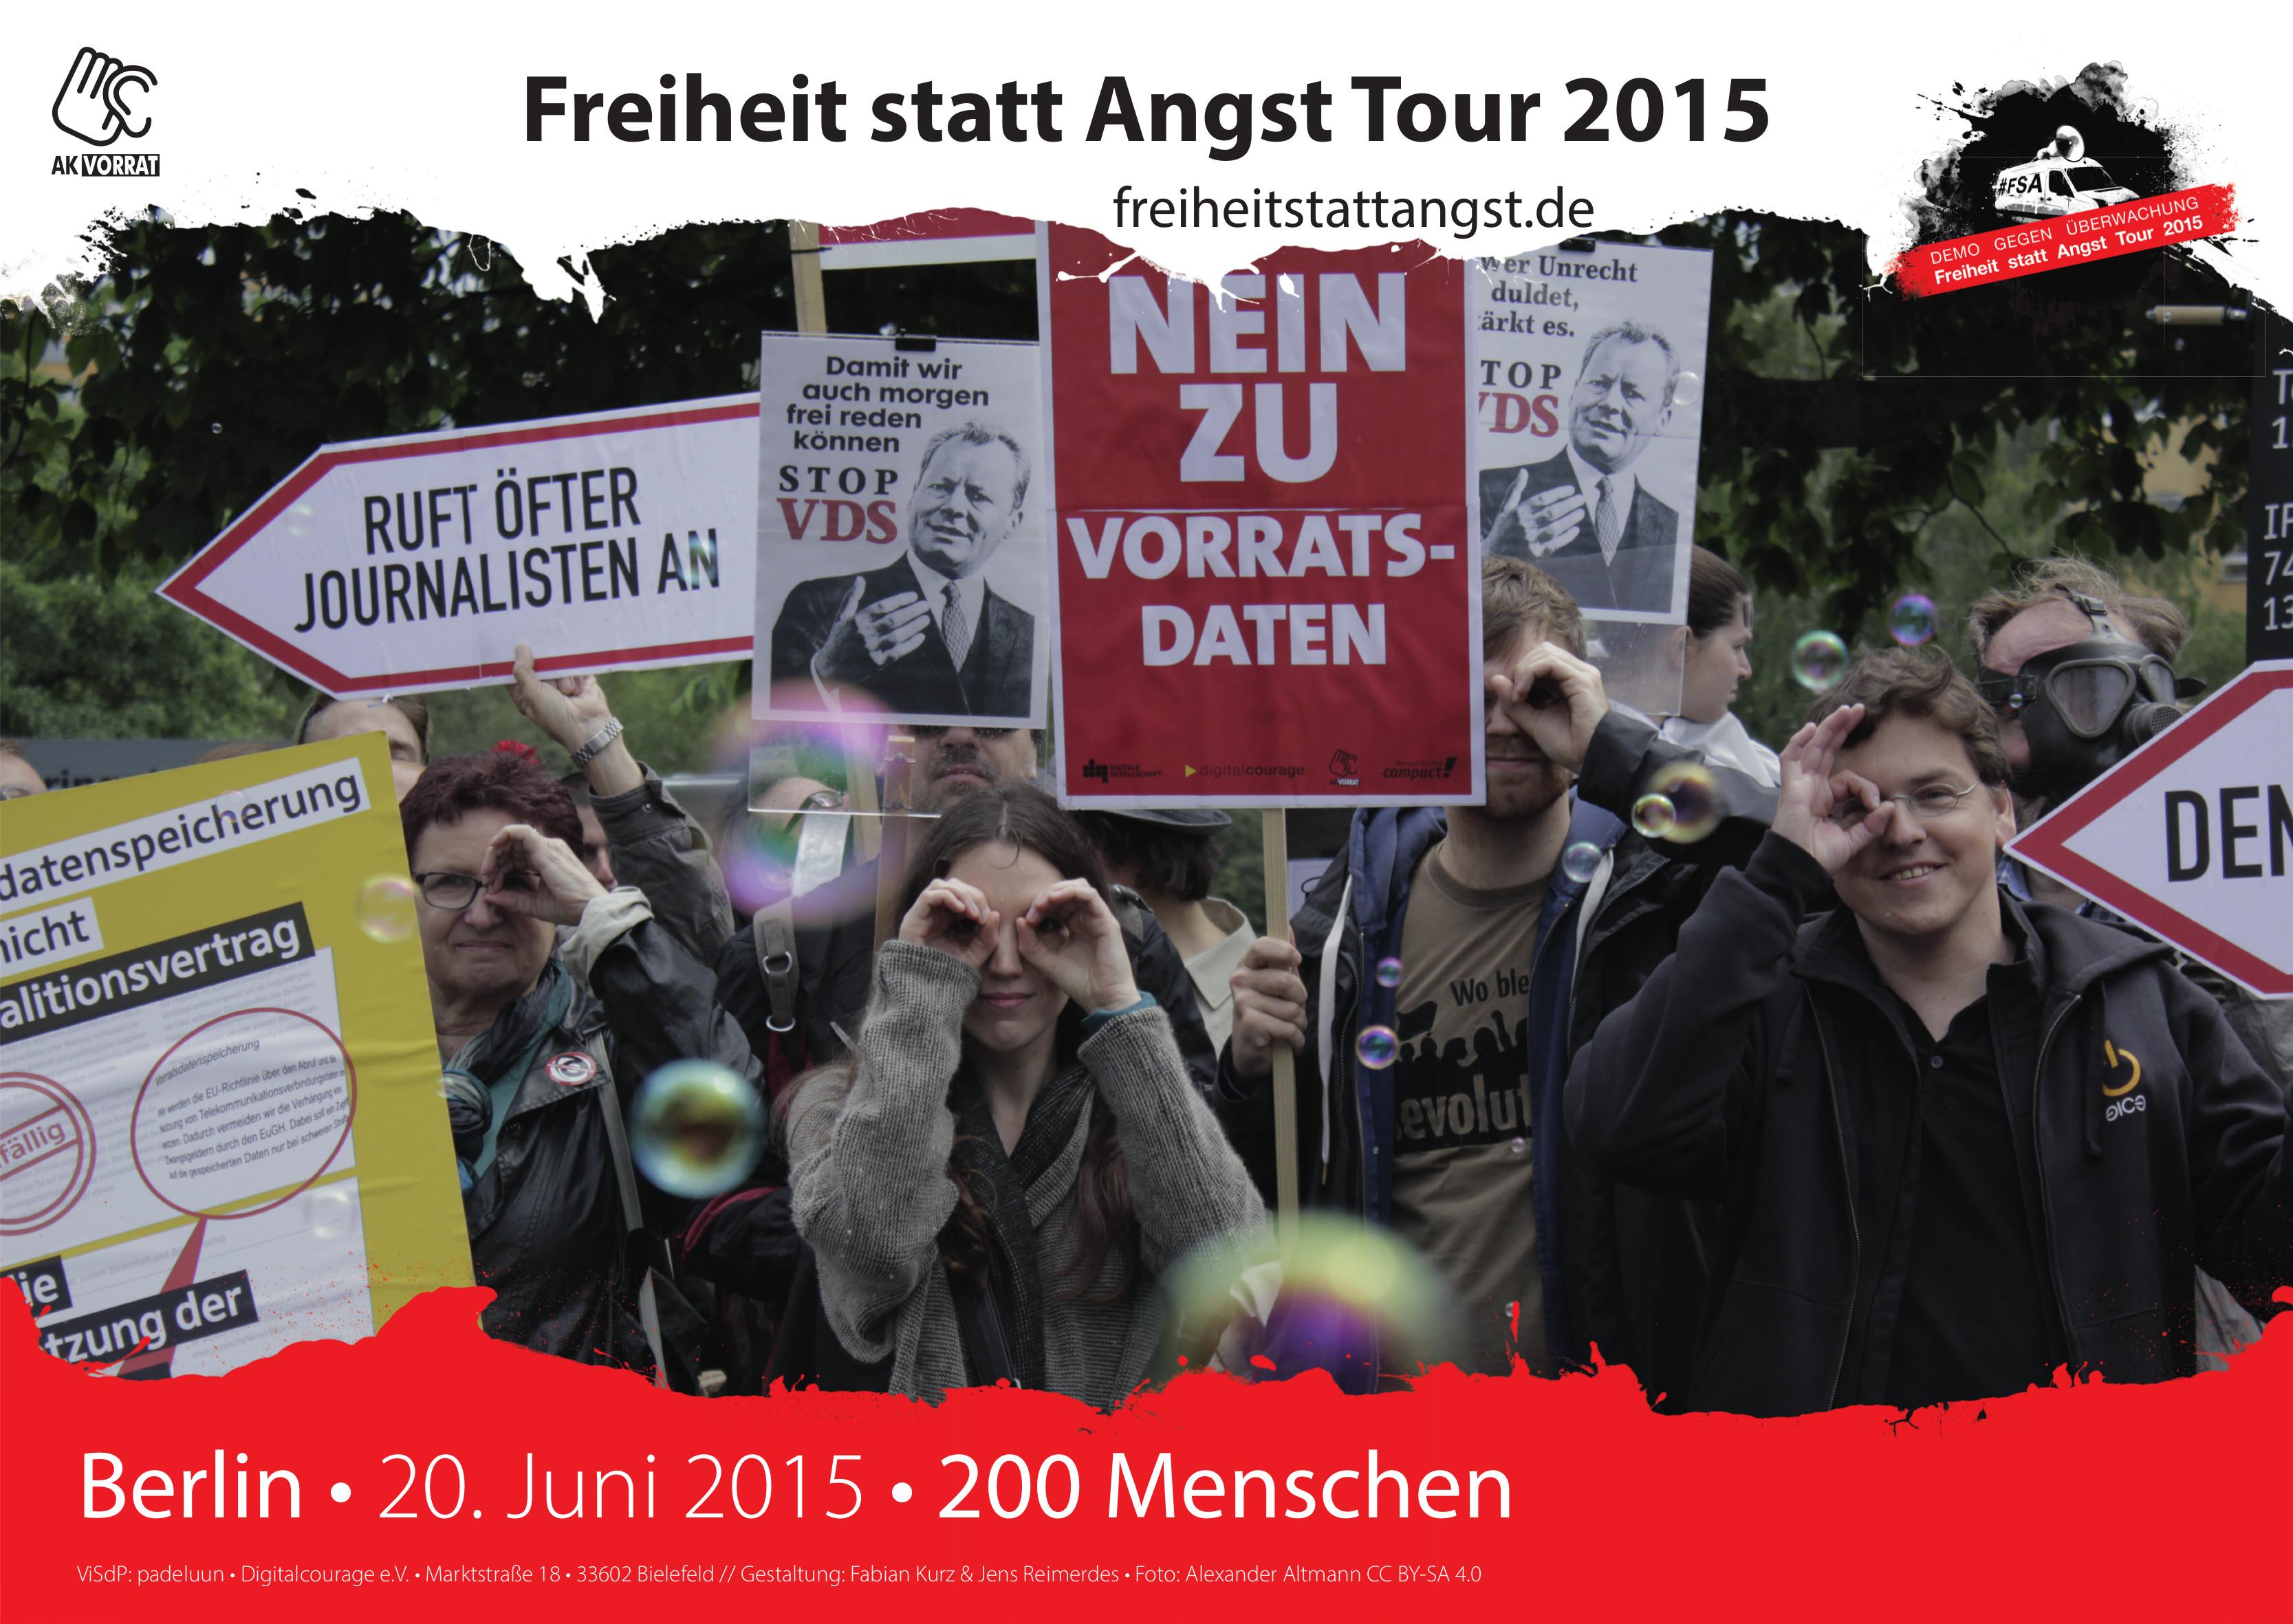 Kundgebung am 20. Juni 2015 gegen die Vorratsdatenspeicherung vor dem Willy-Brandt-Haus am Tag des SPD-Parteikonvents. Die zweite berliner Station.